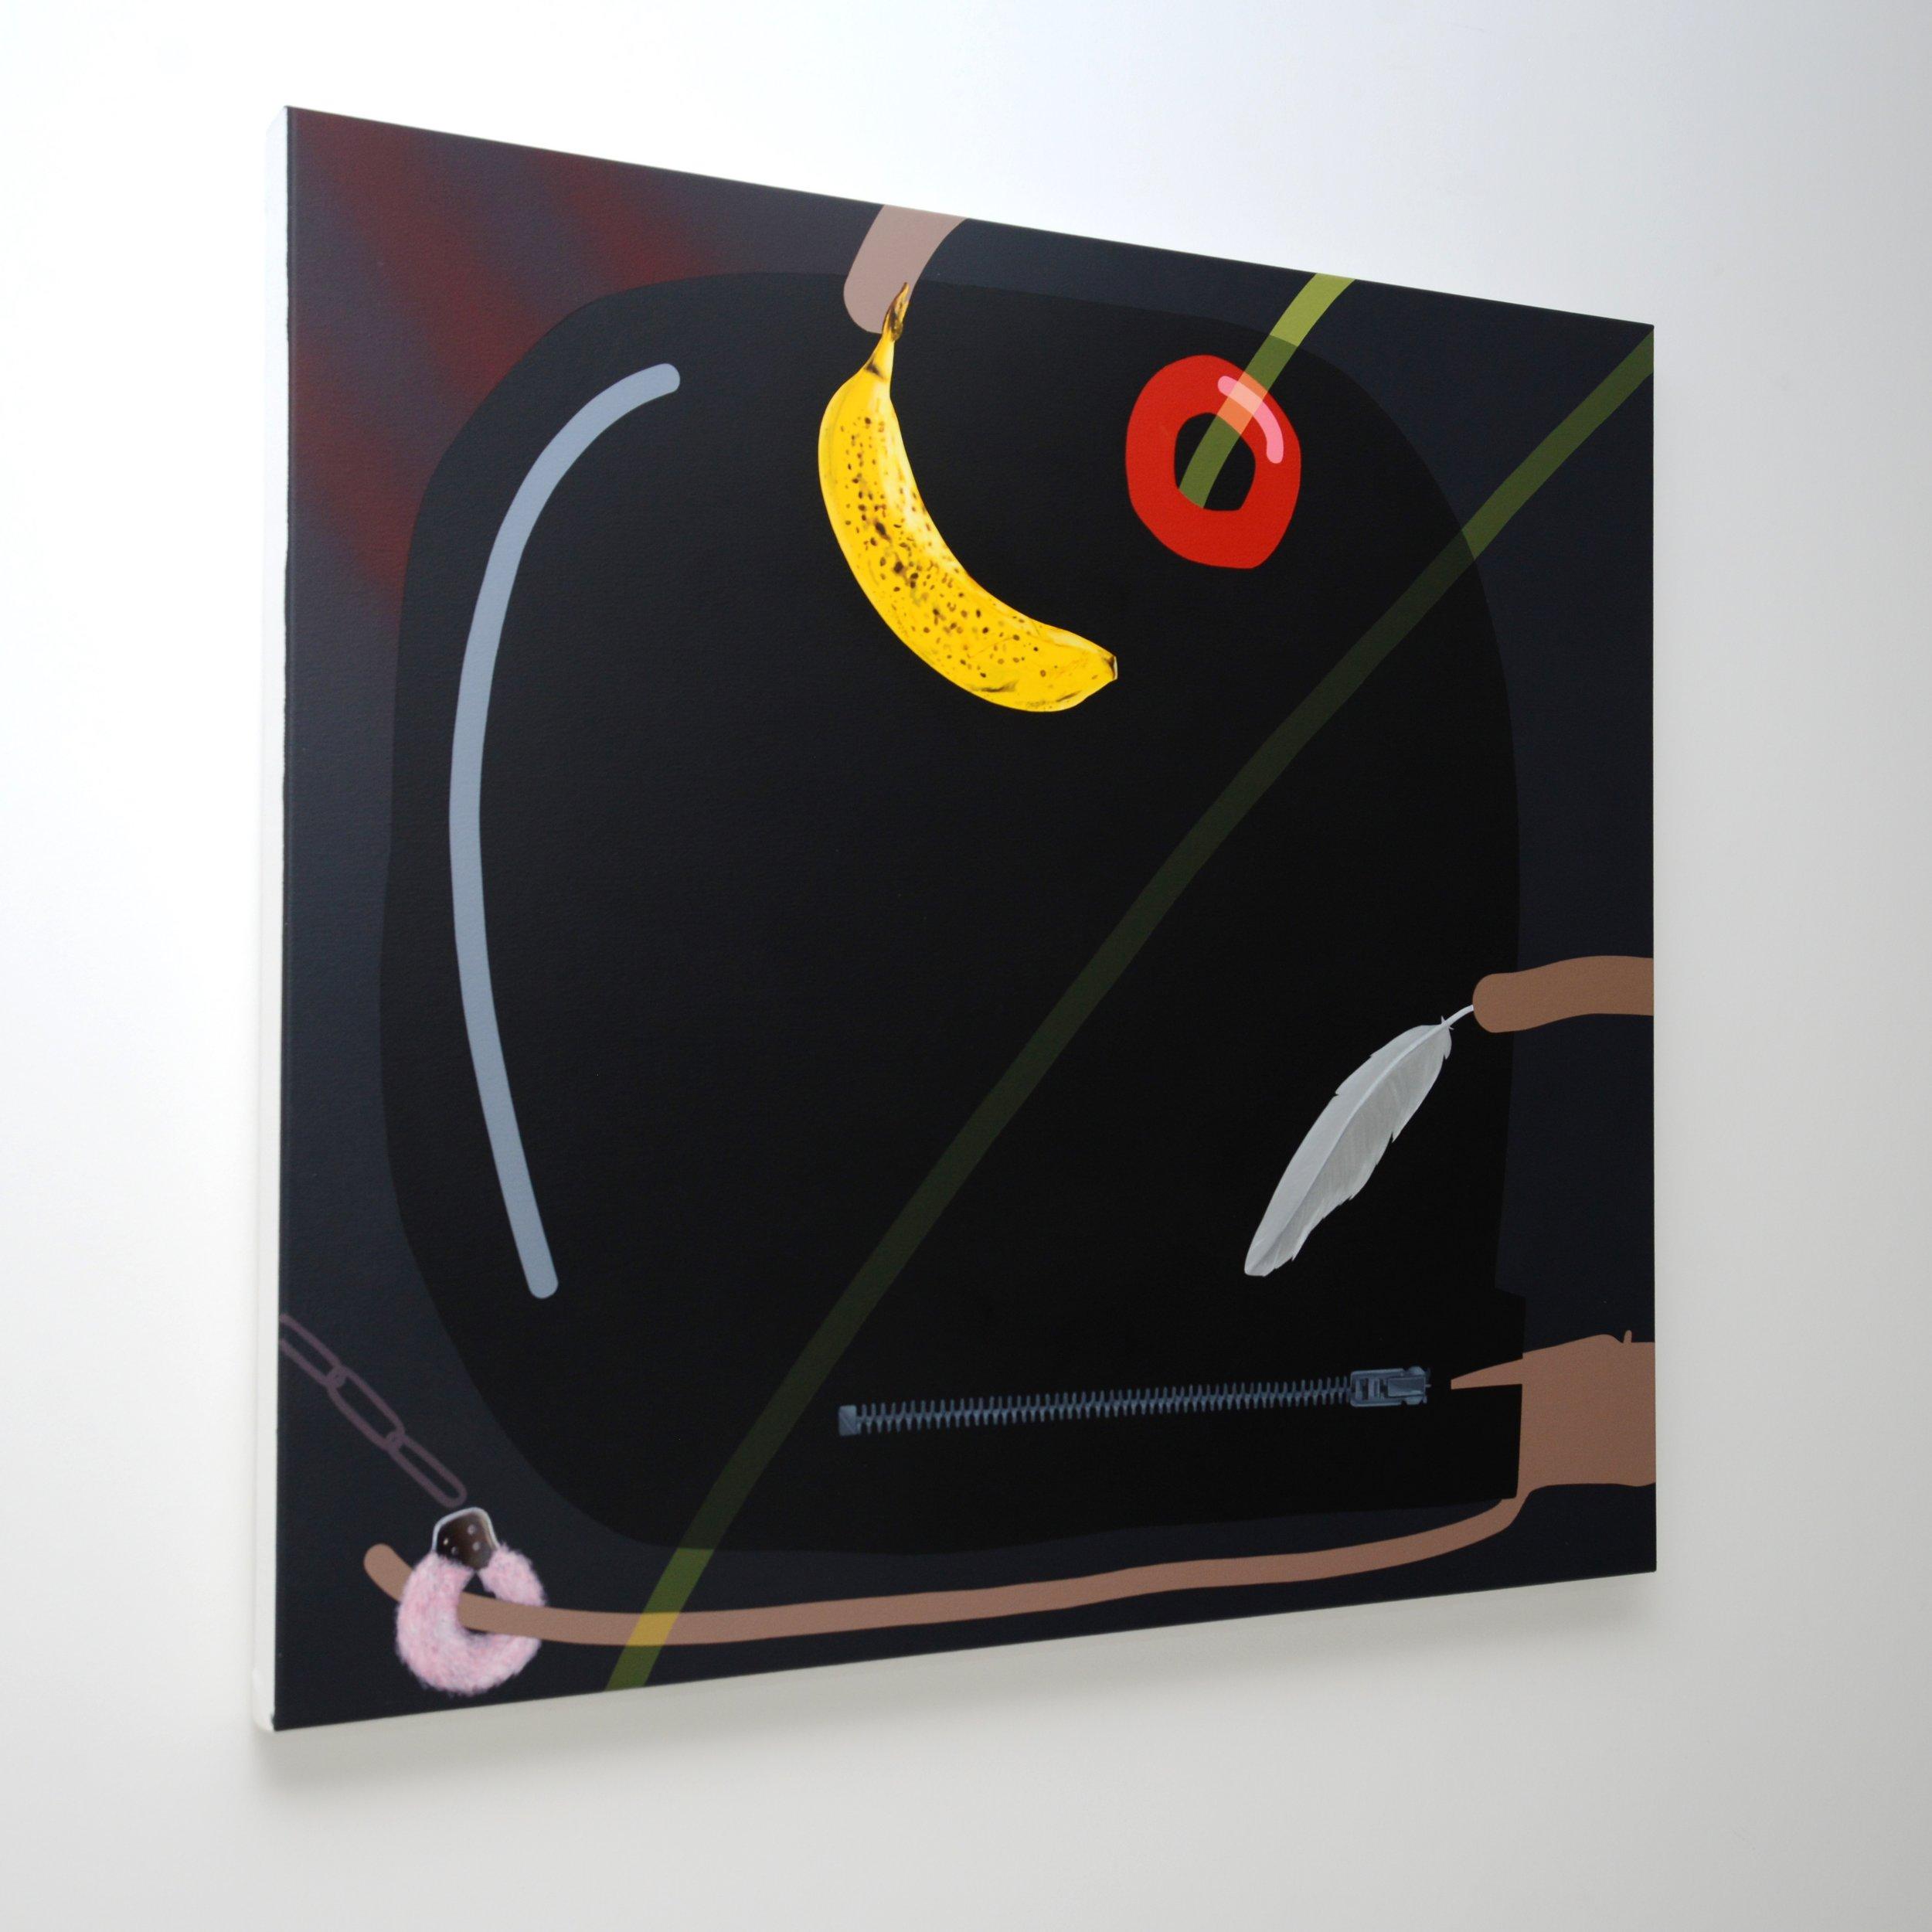 Pawn, 2017, Oli Epp, oil, acrylic and spray paint on canvas, 100cm x 90cm